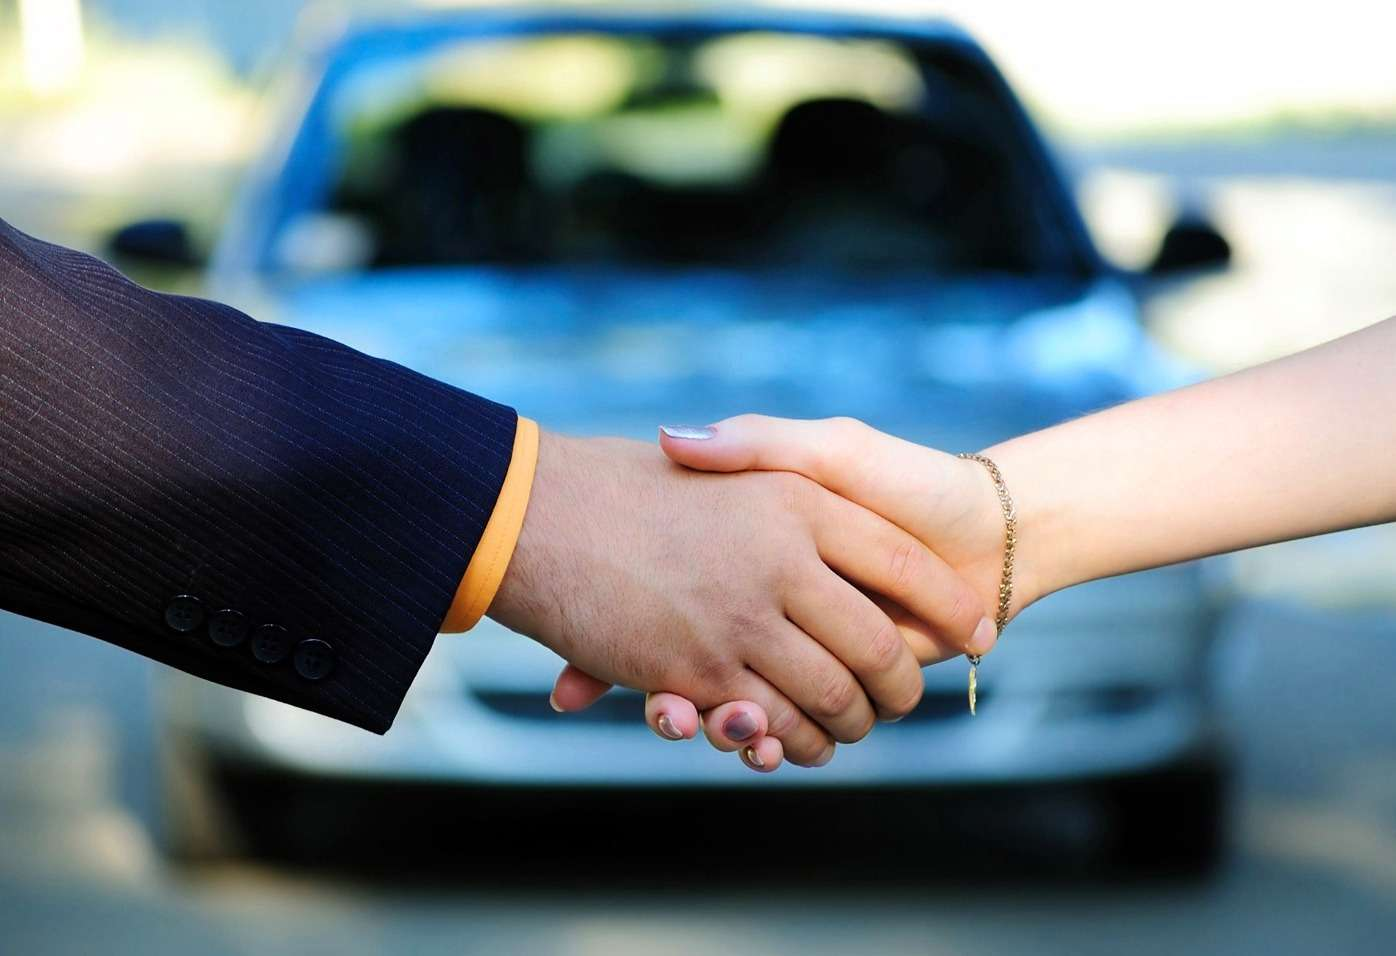 Оформление договора купли продажи автомобиля — как составить самостоятельно?